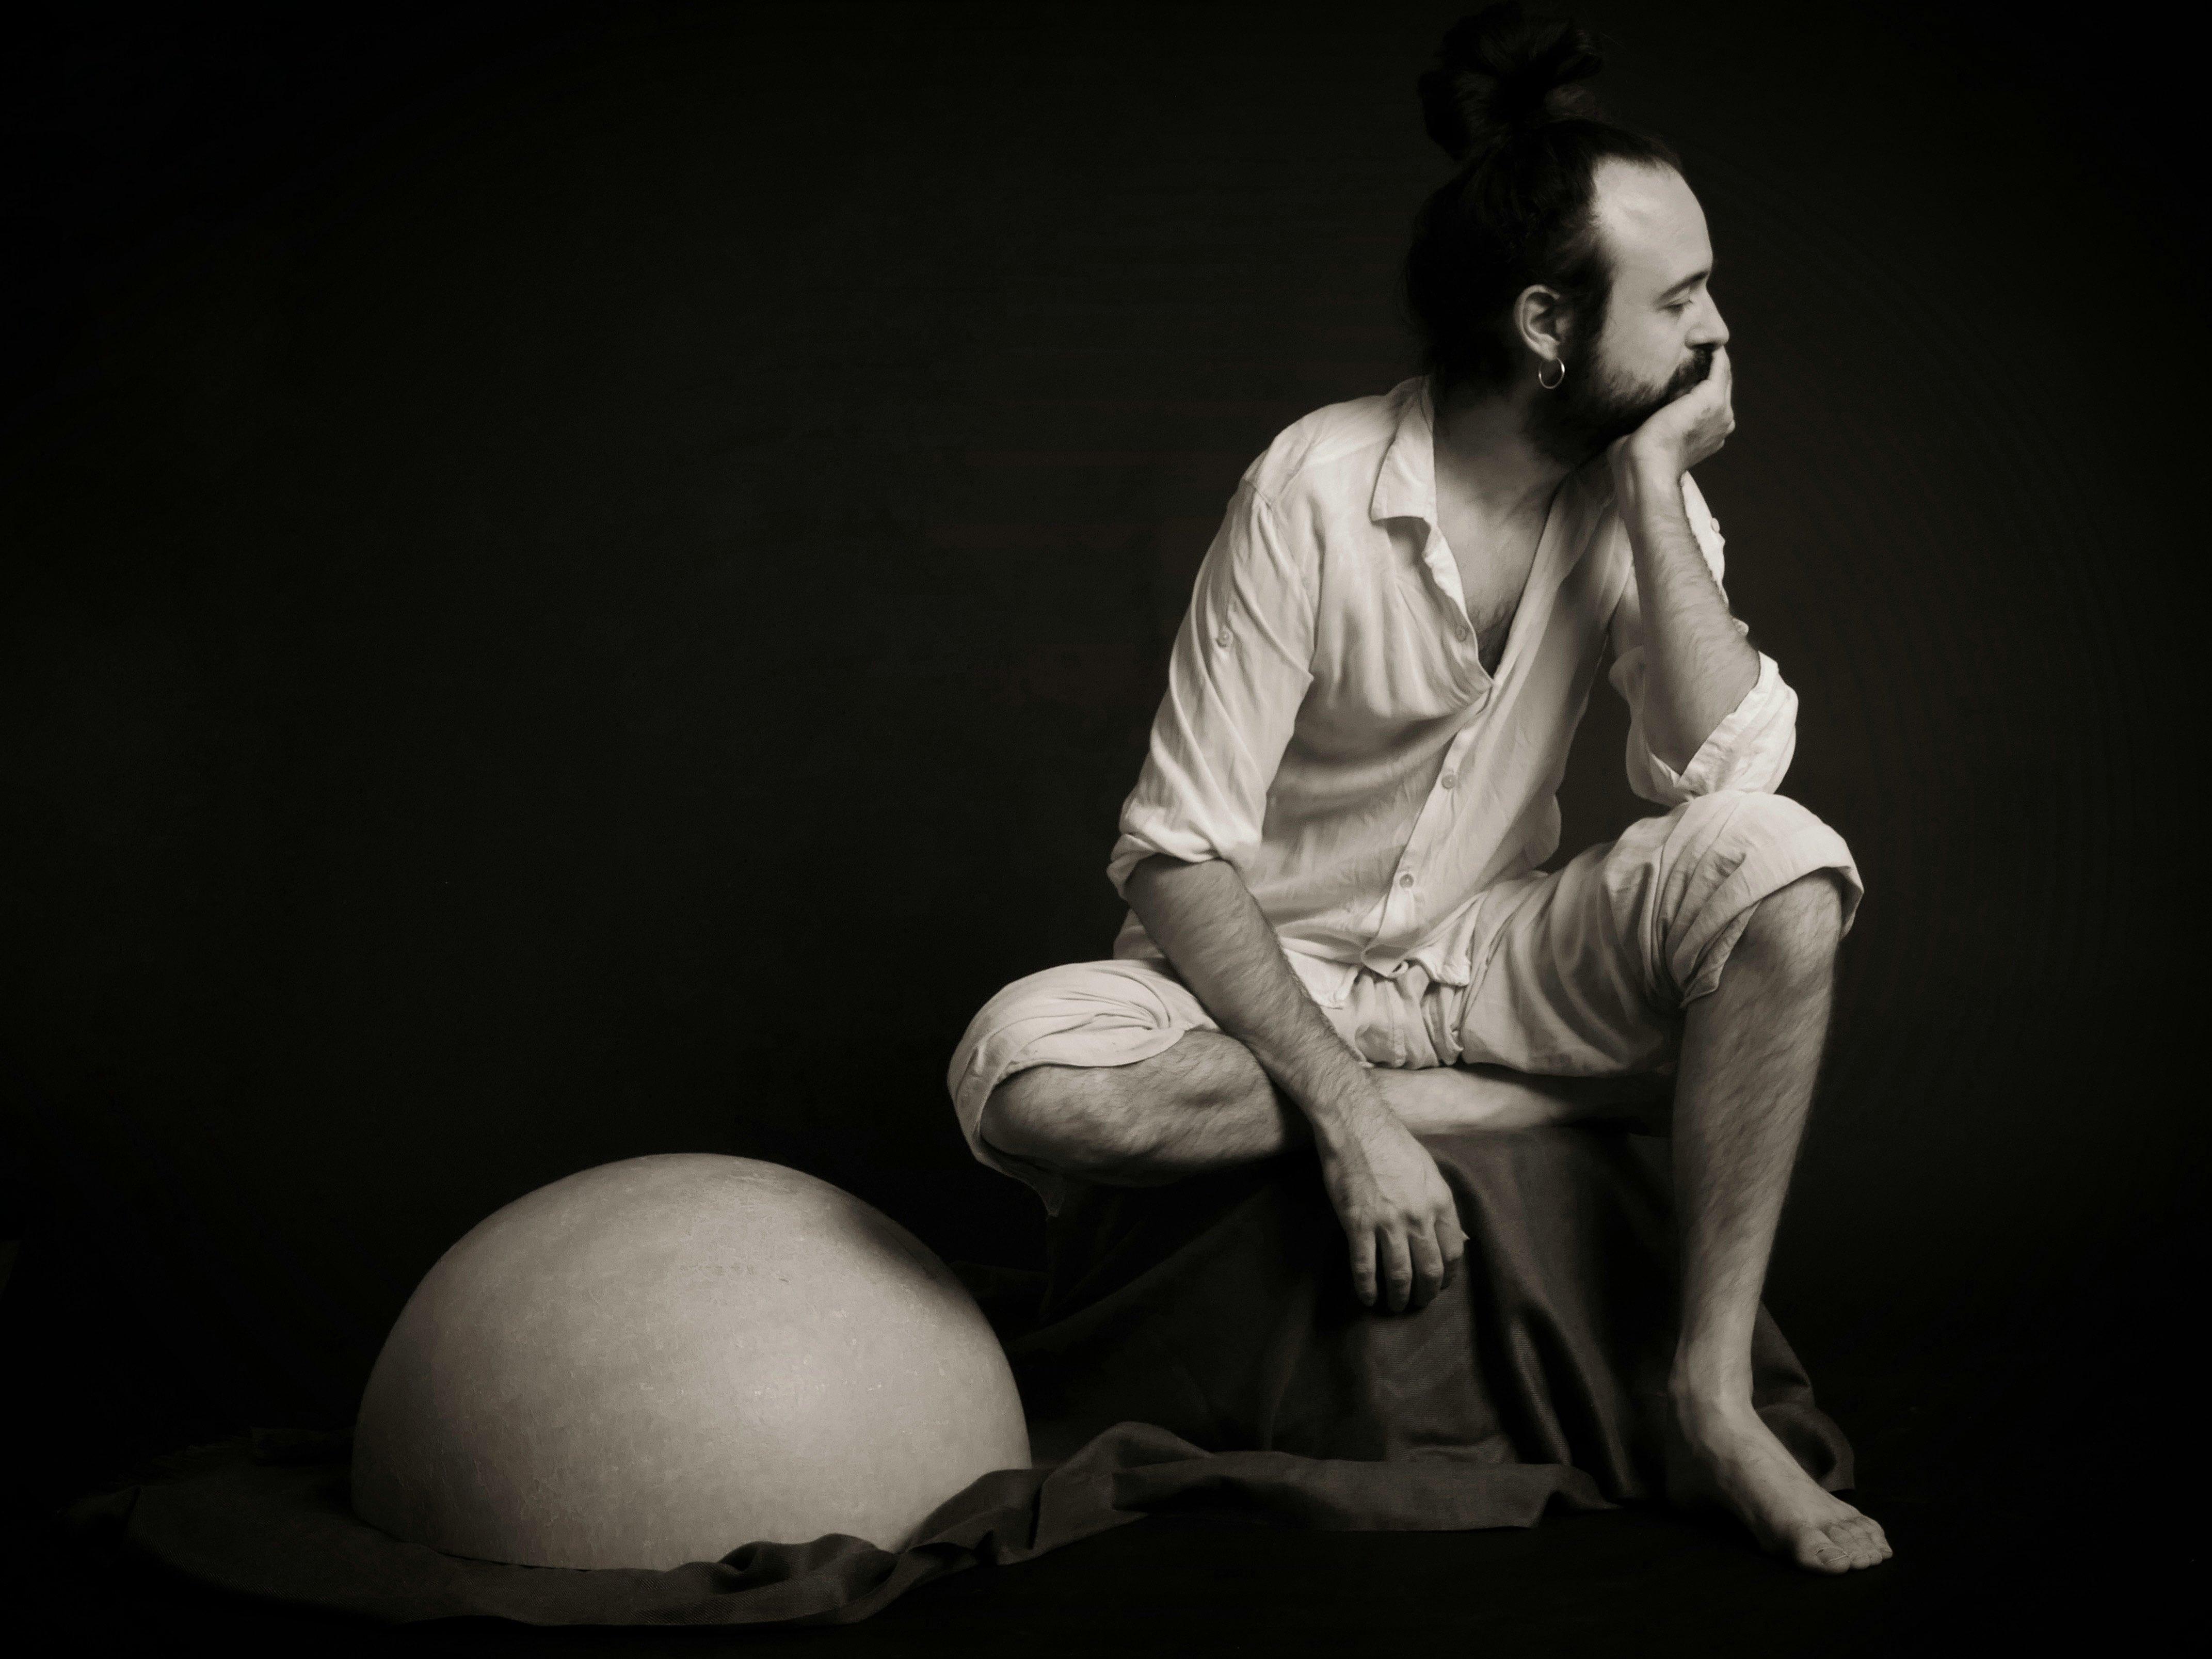 Miguel Hiroshi : 'Encuentro mucha inspiración musical a través de los sueños'